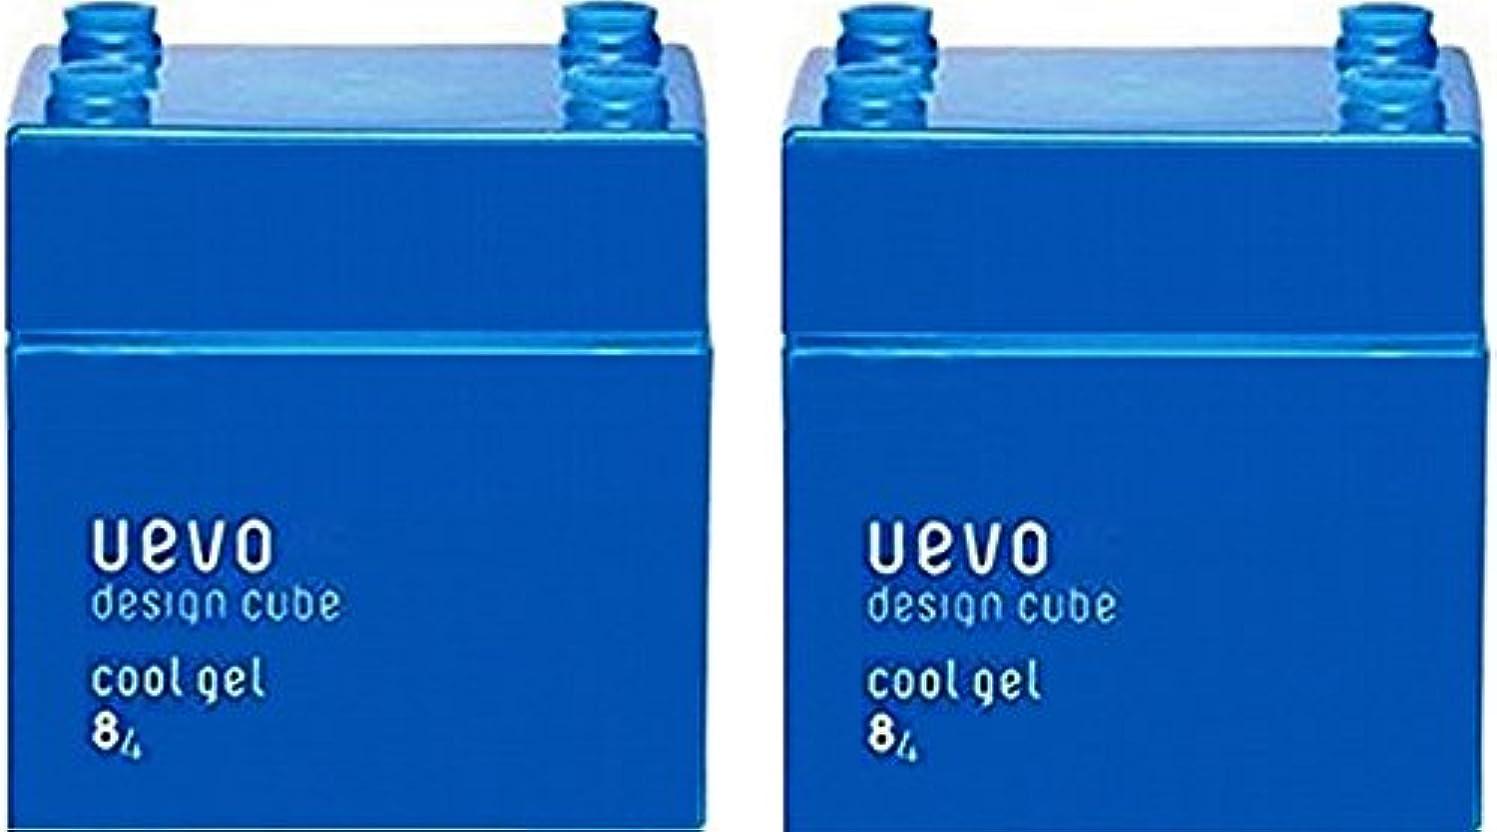 連想錫誰も【X2個セット】 デミ ウェーボ デザインキューブ クールジェル 80g cool gel DEMI uevo design cube